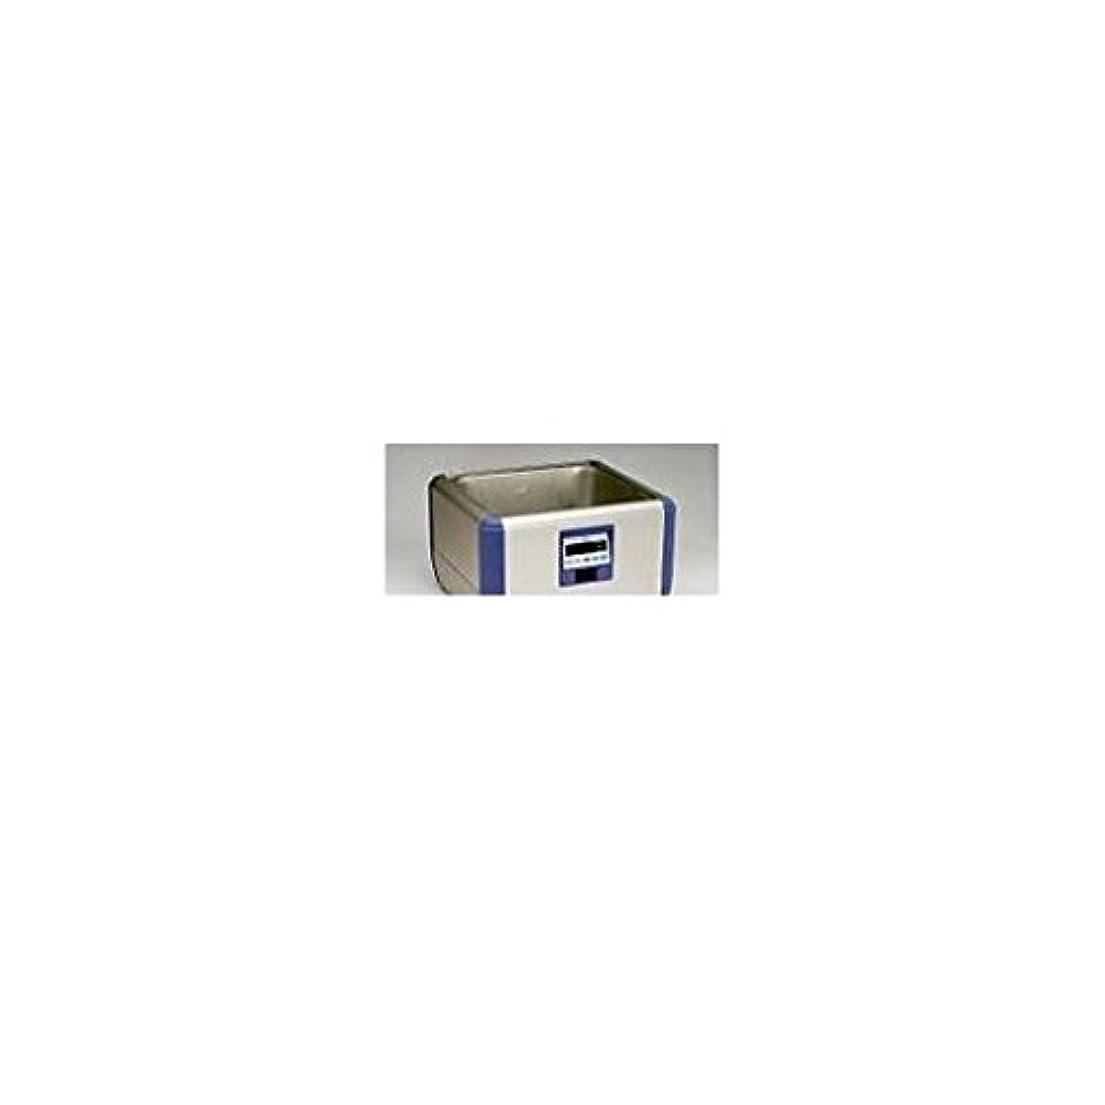 セレナ便利さデータムJL39952 超音波洗浄機 卓上型 標準型 機能的なデザインを具現化したシリーズ